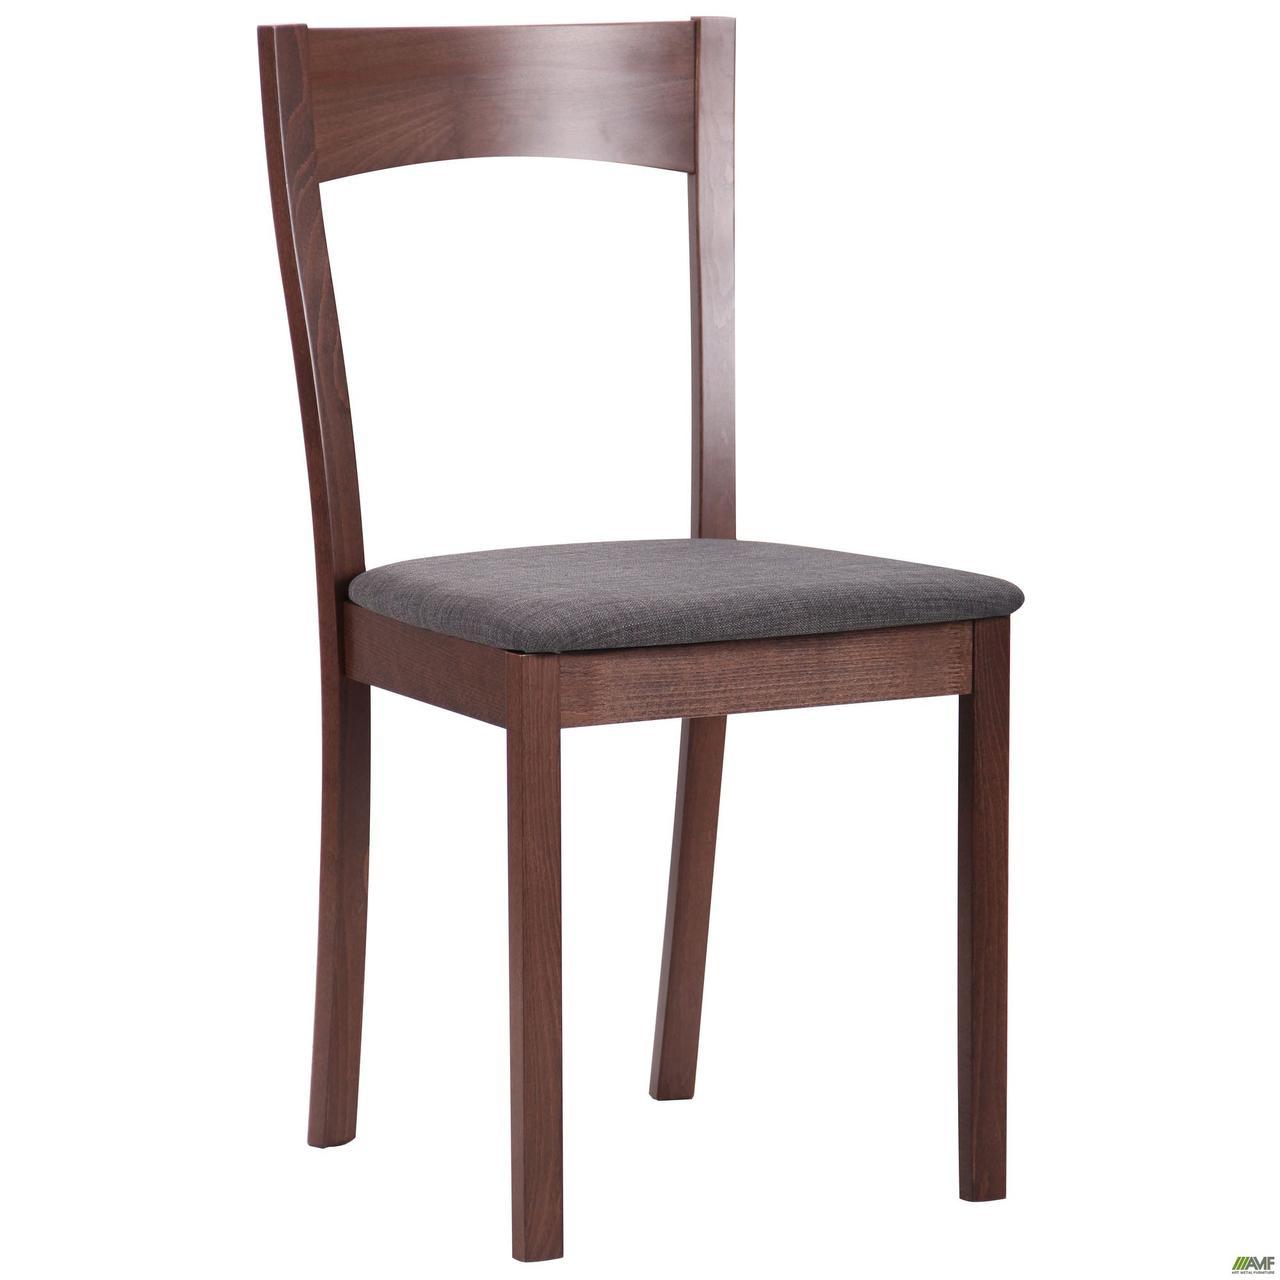 Деревянный стул АМФ Ричард, мягкое сидение светлый-графит